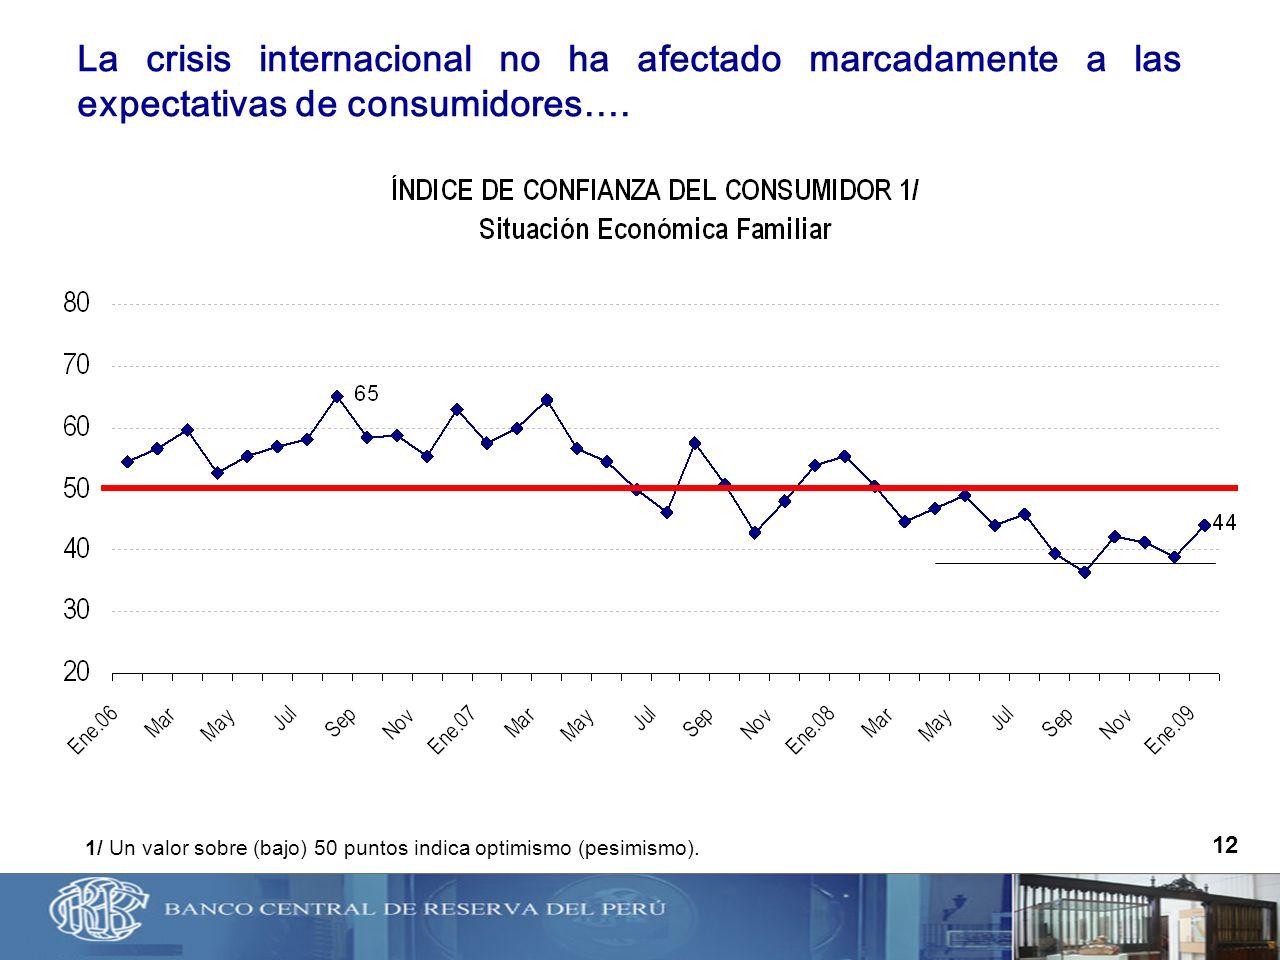 La crisis internacional no ha afectado marcadamente a las expectativas de consumidores….